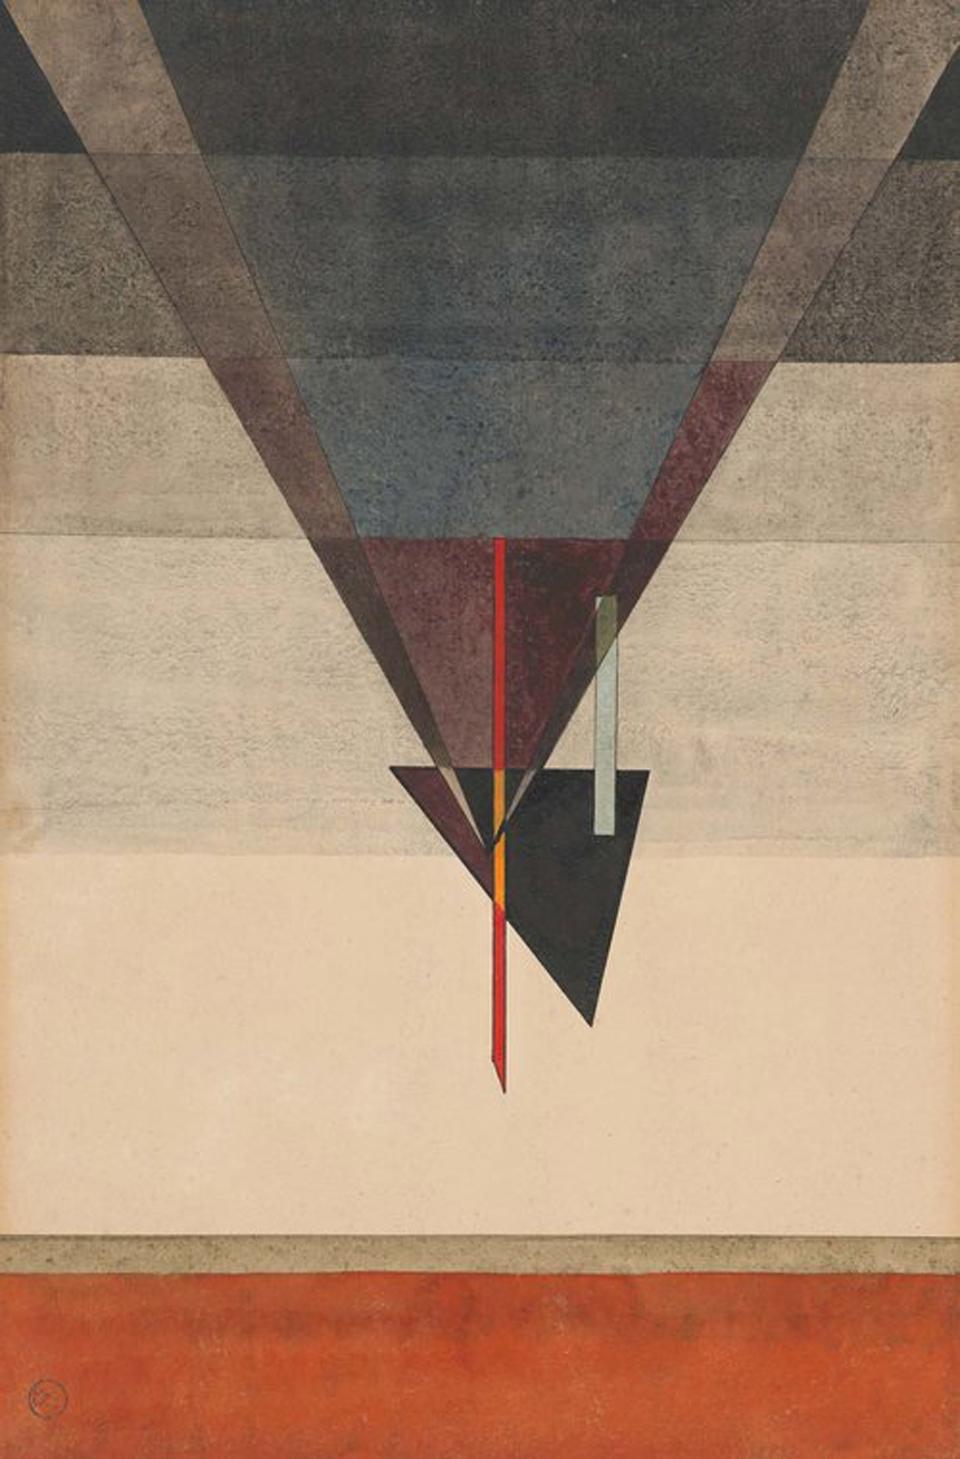 Wassily Kandinsky: Abstieg, 1925, Aquarell und Tusche, 484 x 322 mm, Kulturstiftung Sachsen-Anhalt, Kunstmuseum Moritzburg Halle (Saale), Foto :  Kulturstiftung Sachsen-Anhalt